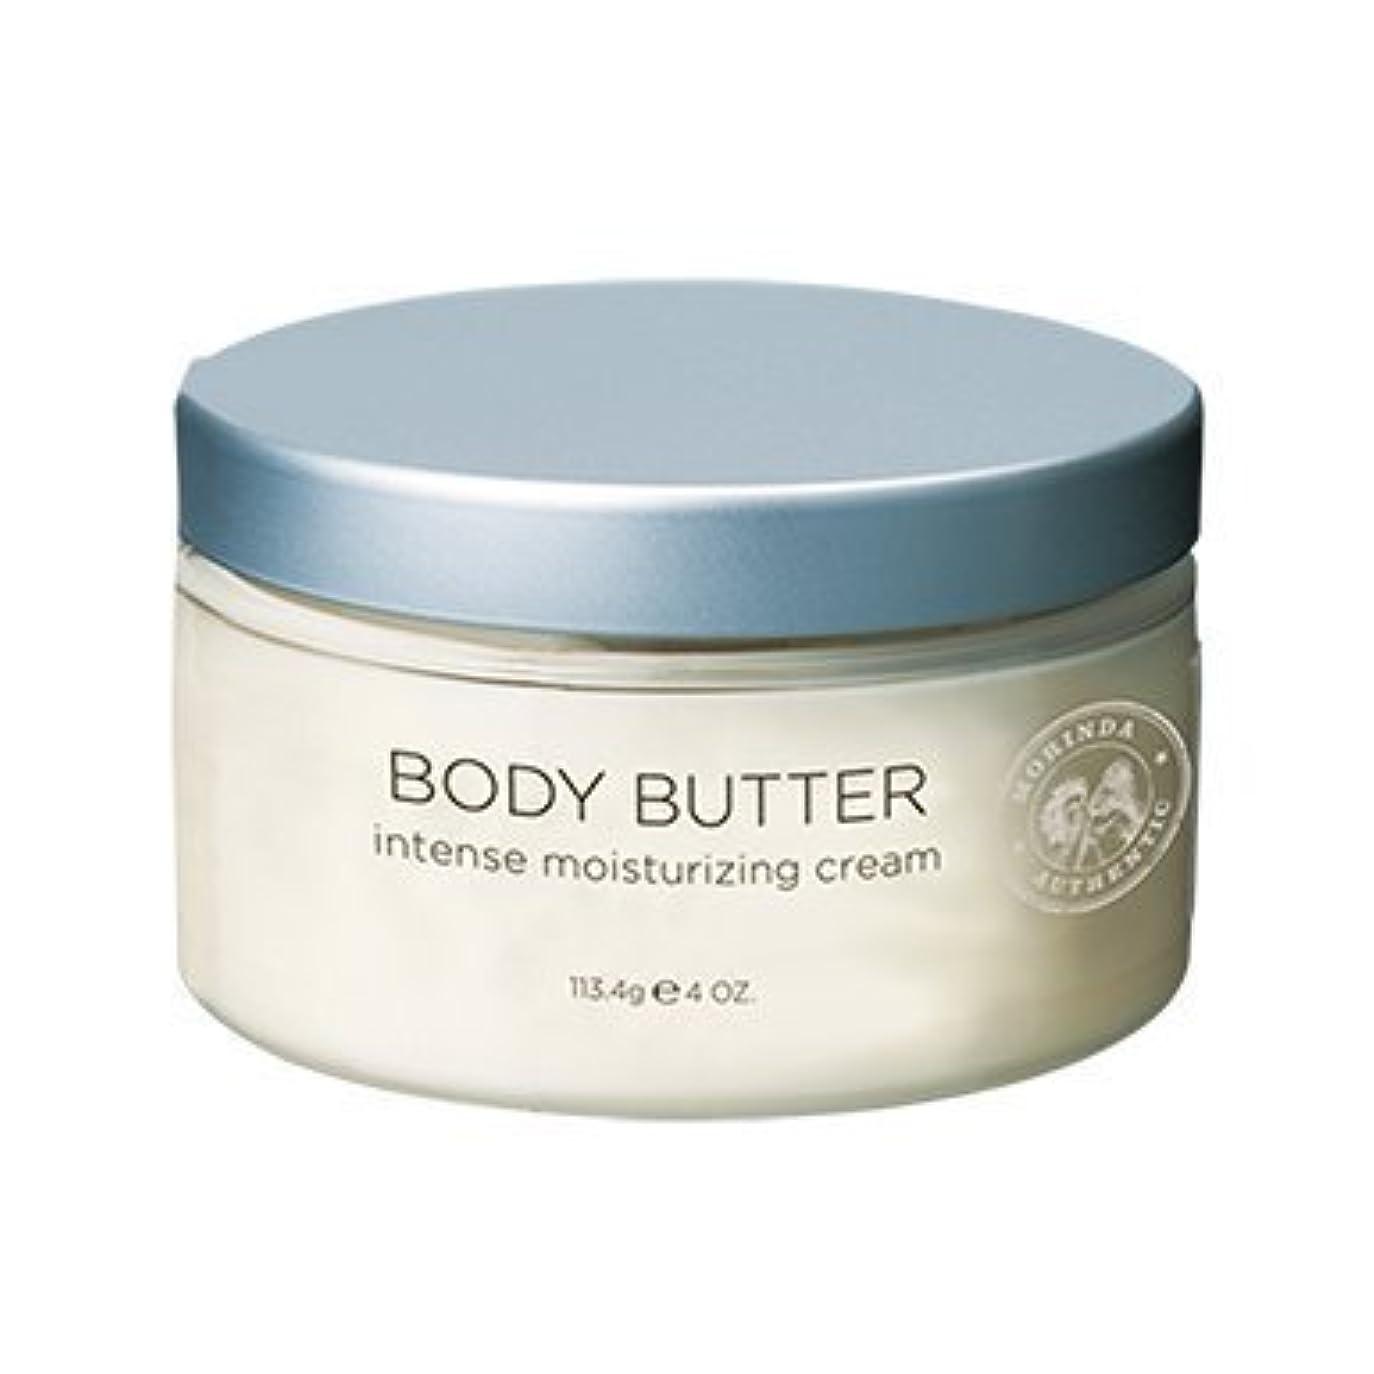 モリンダ MORINDA ボディー バター ボディ用 クリーム タヒチアンノニ Body Butter Cream